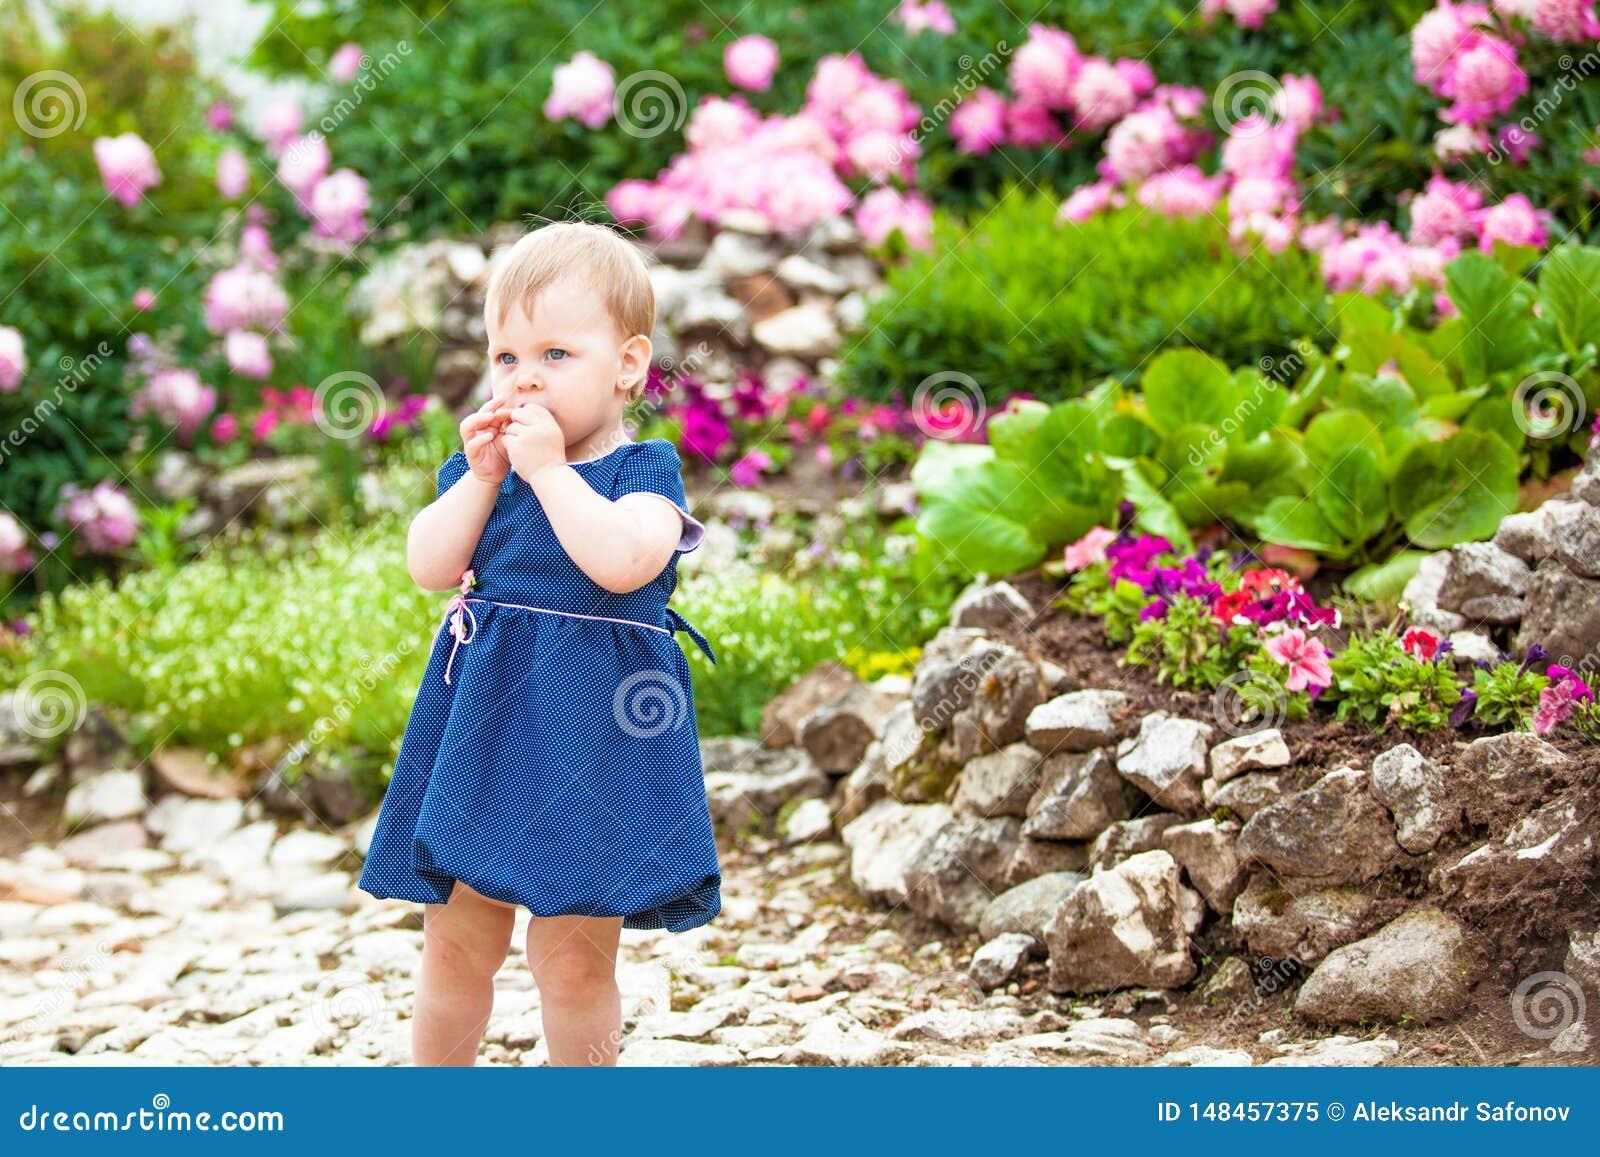 La ragazza cammina nel parco con i letti di fiore